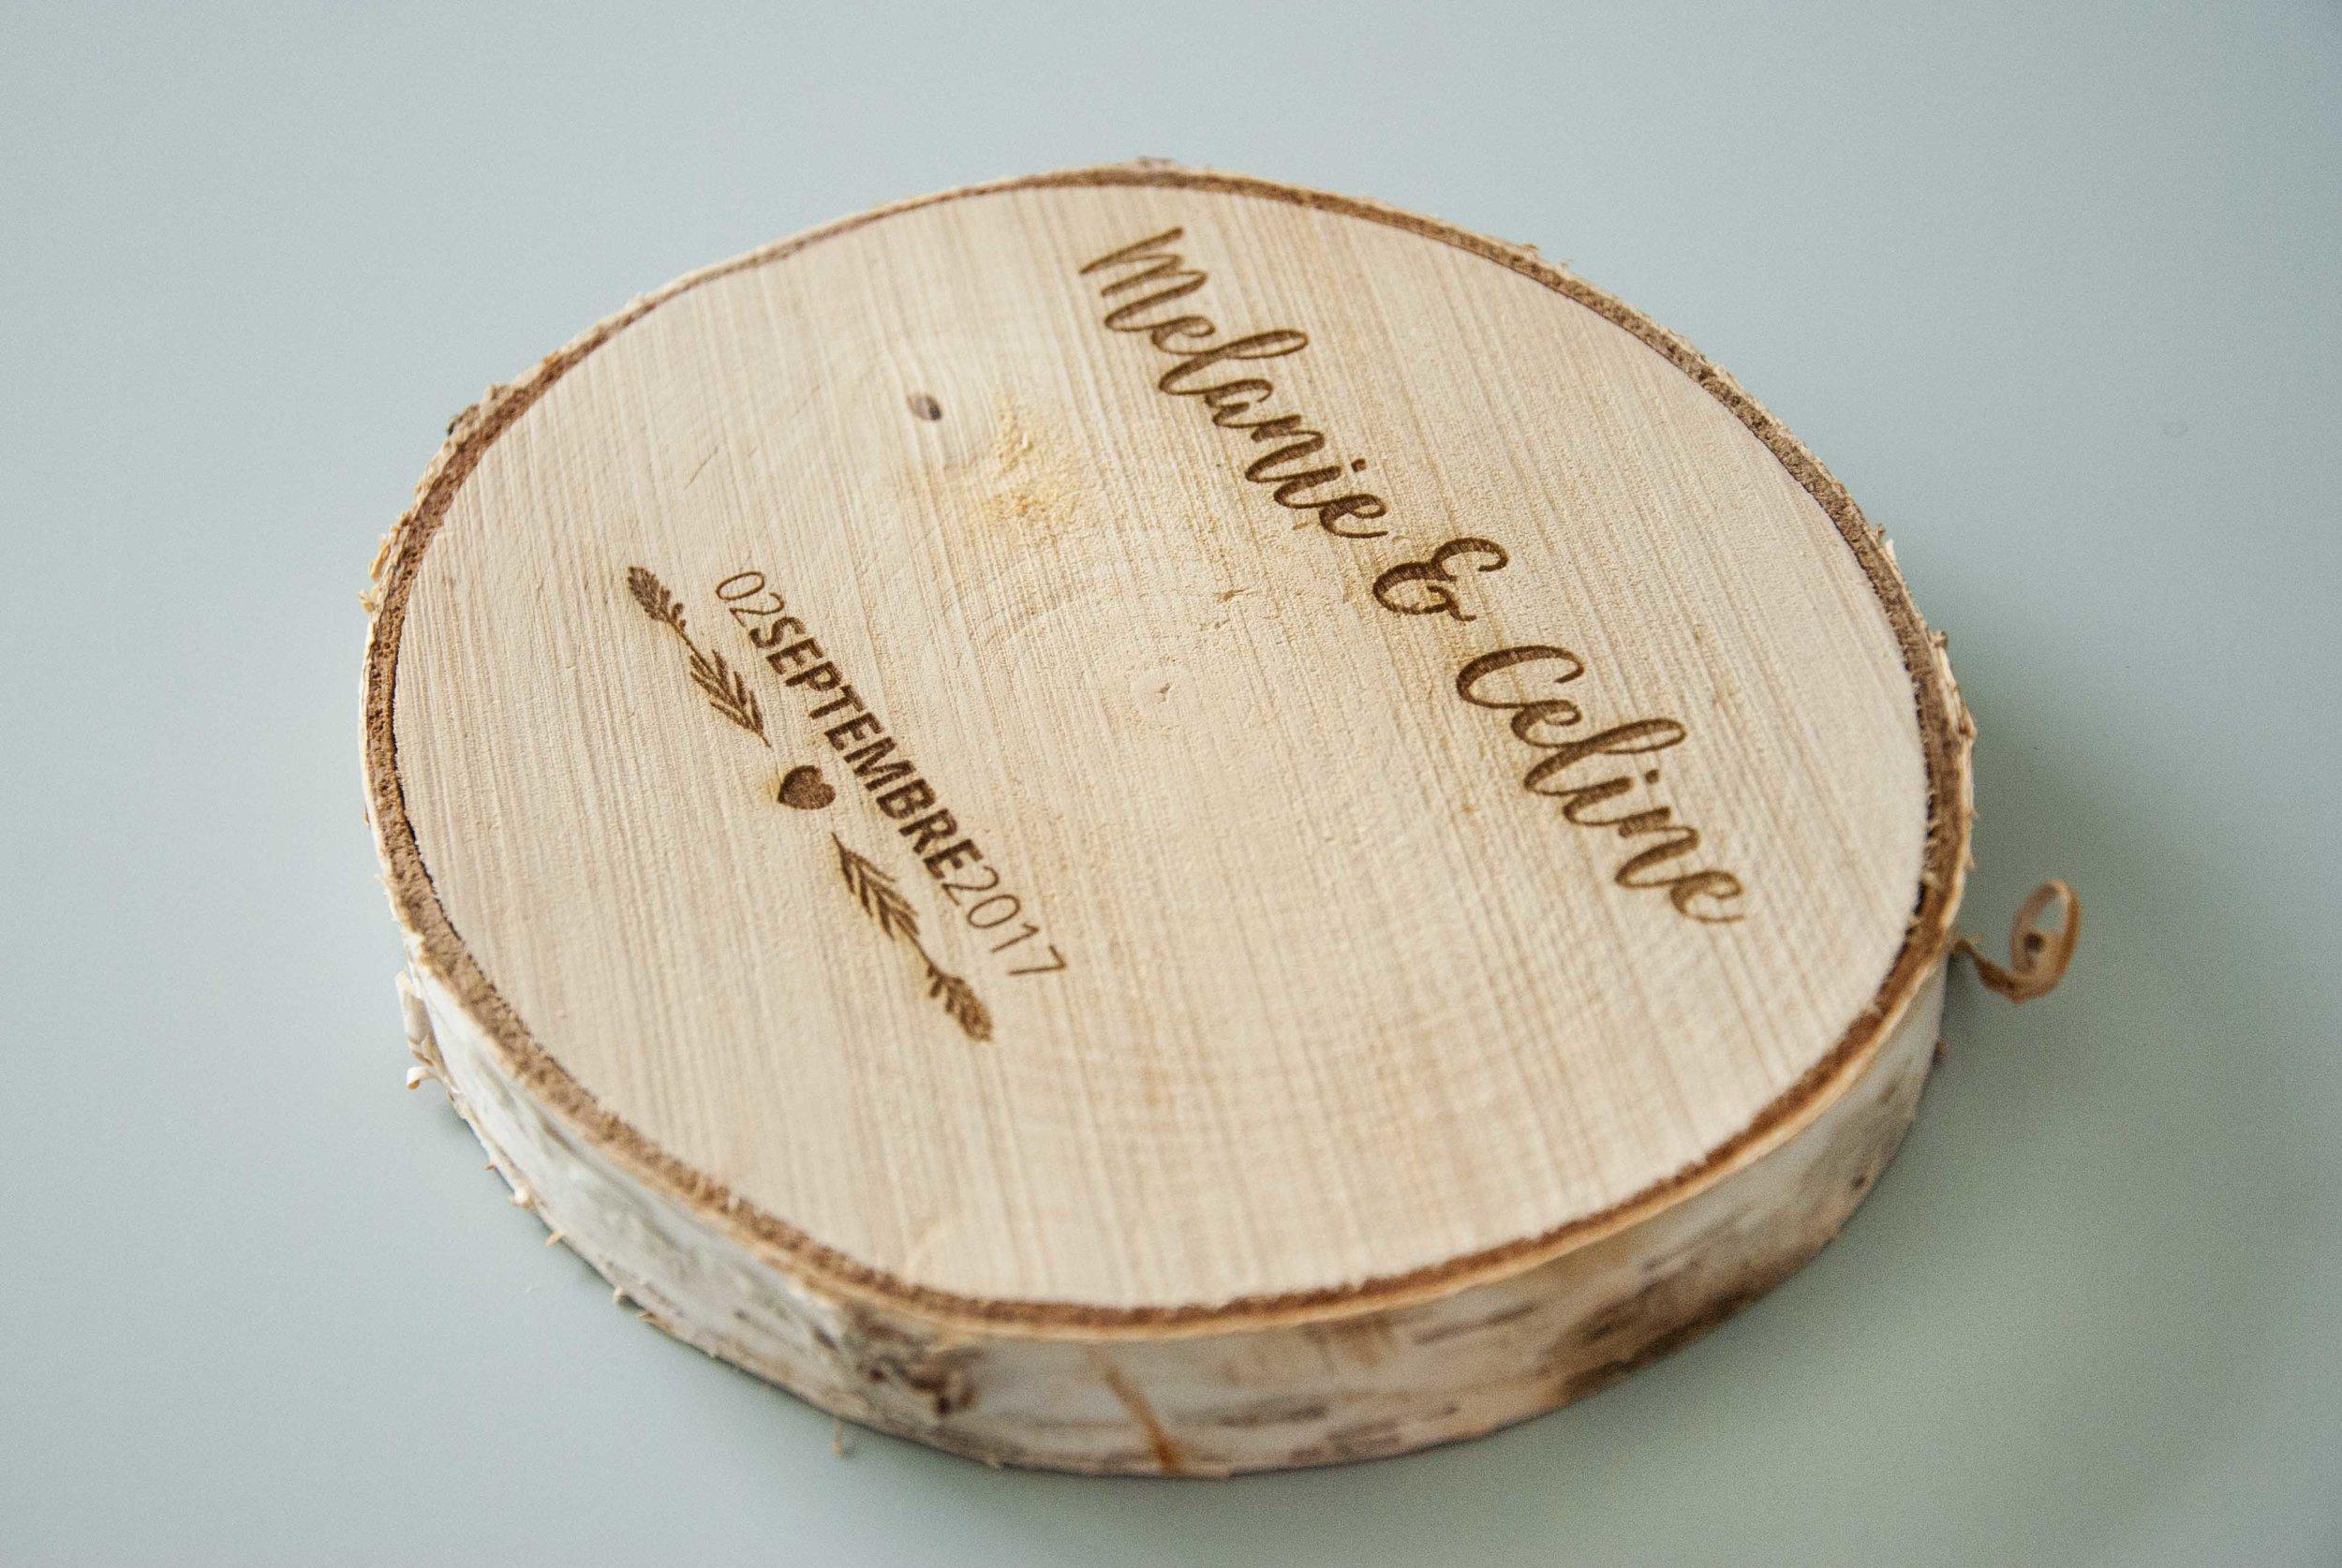 Porte-alliance en rondin de bois, personnalisé